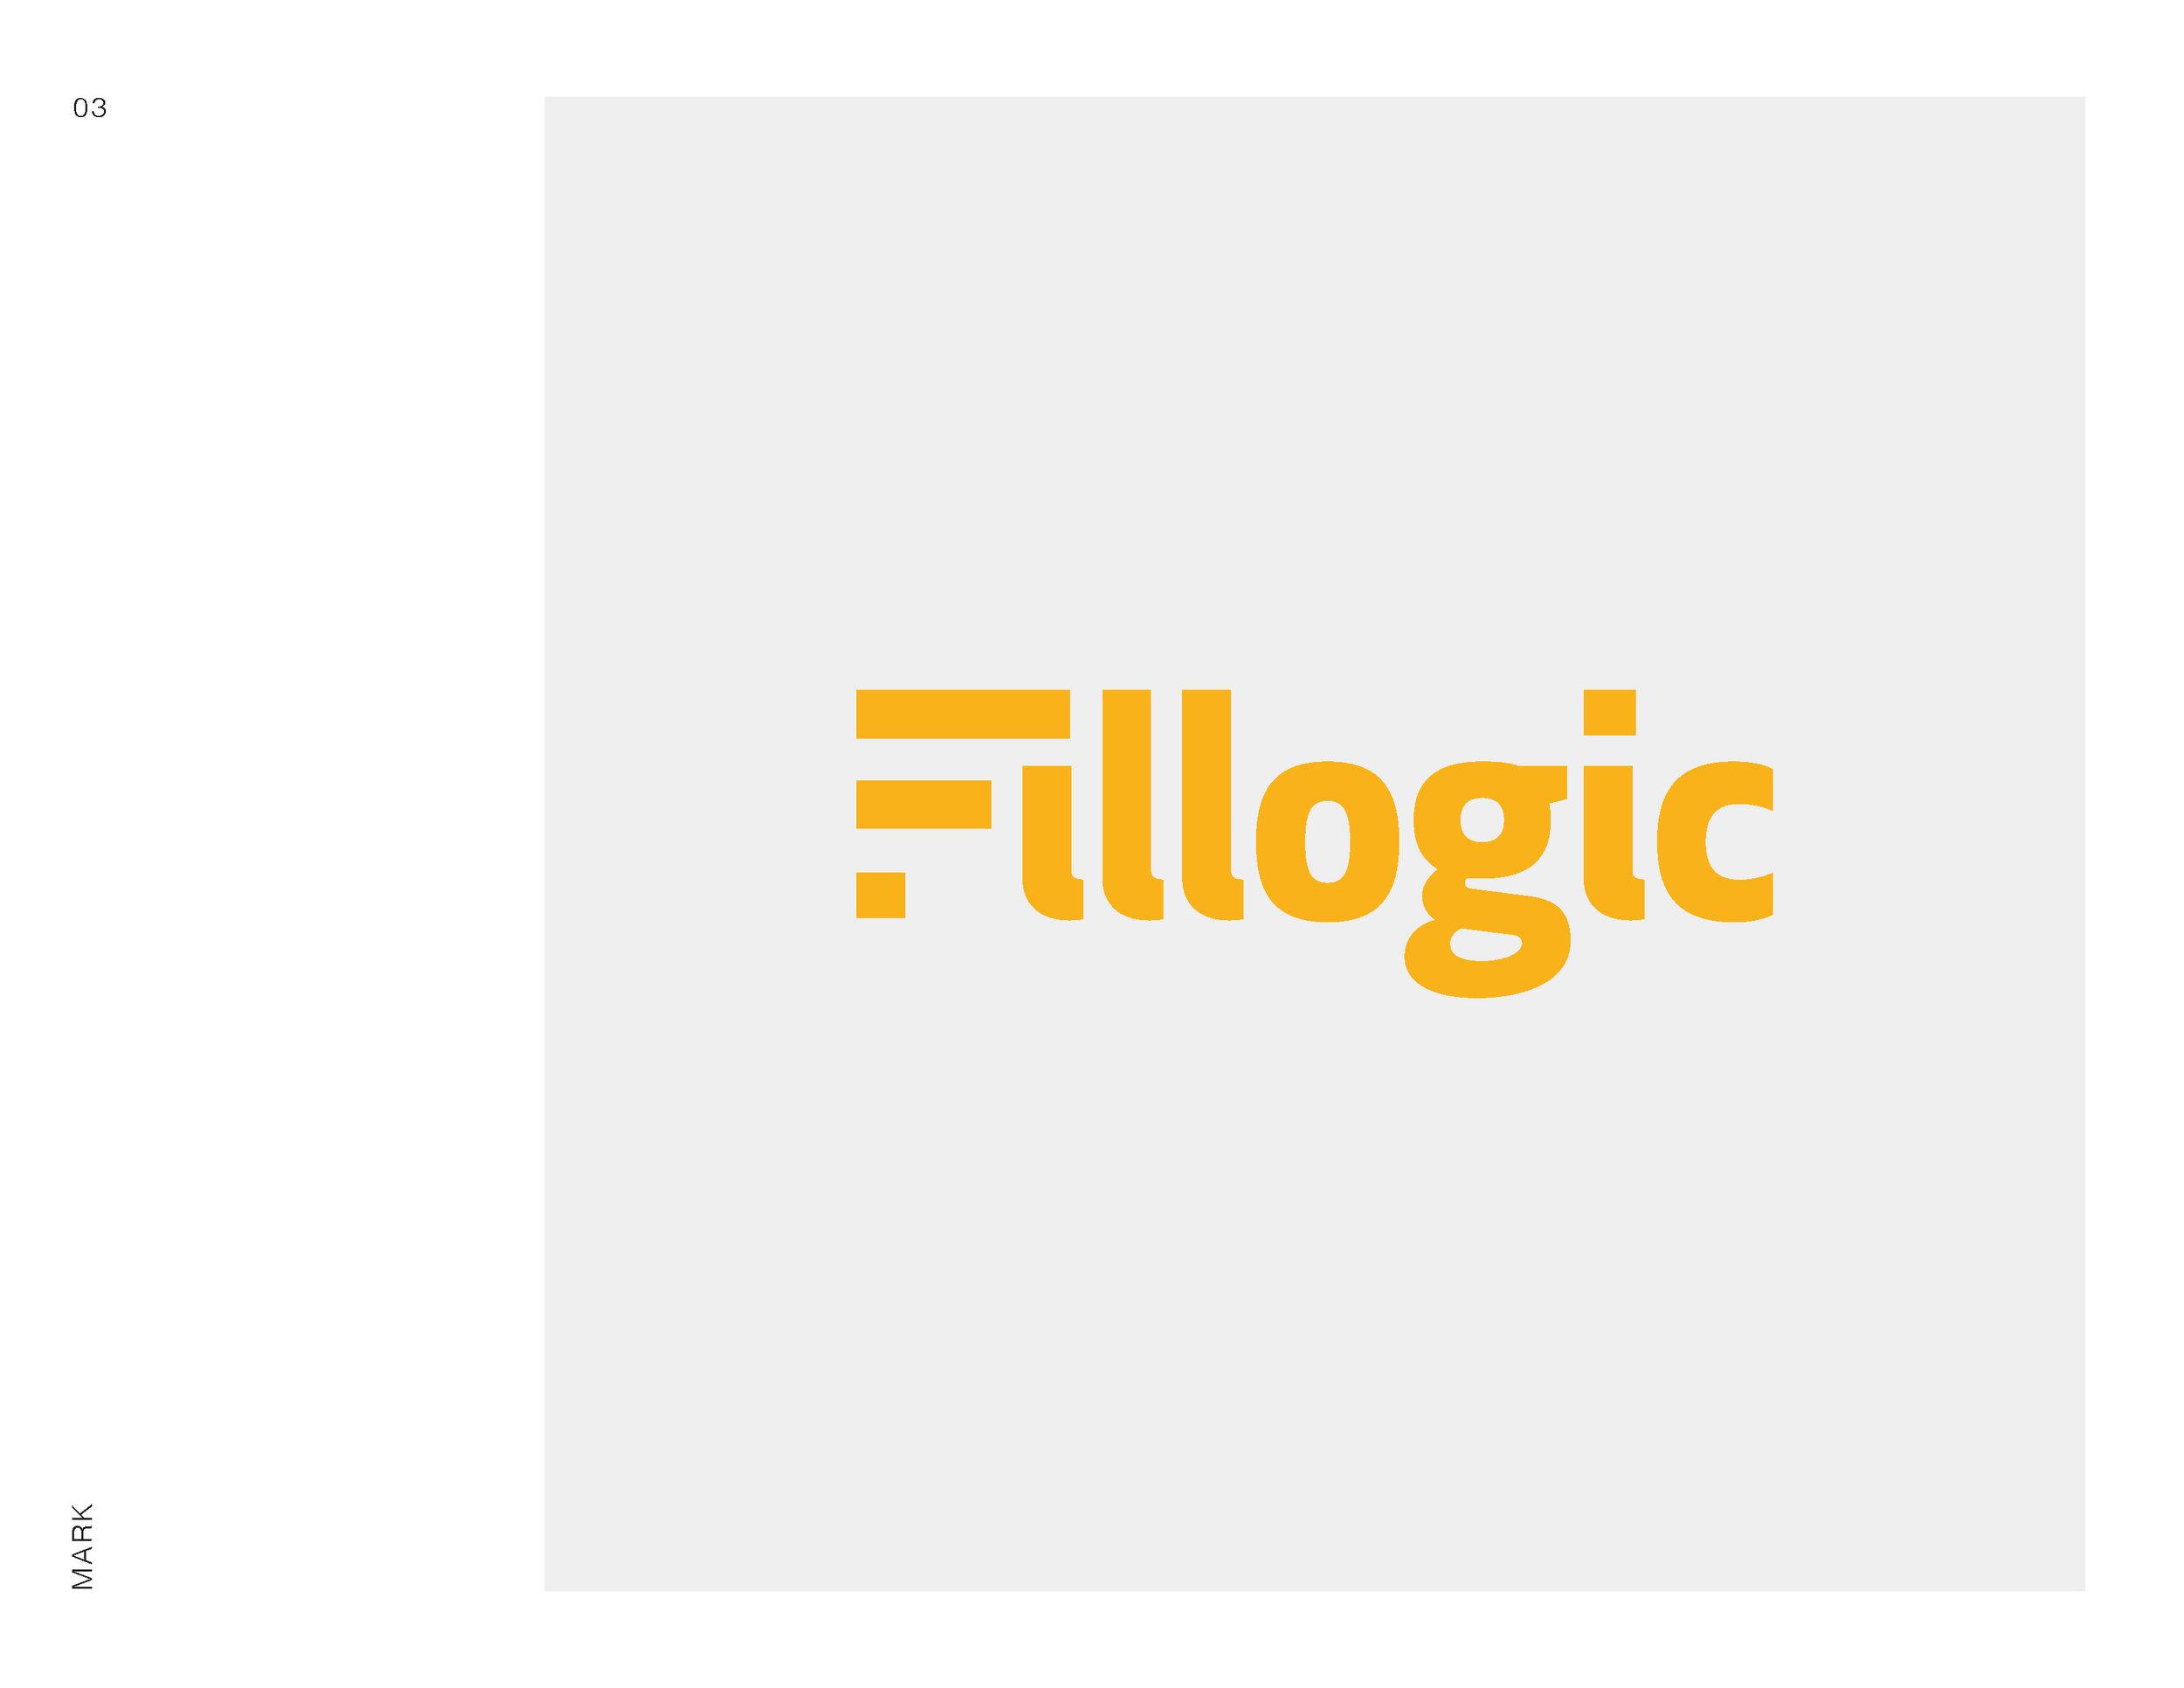 Fillogic Master Brand_Page_03.jpg